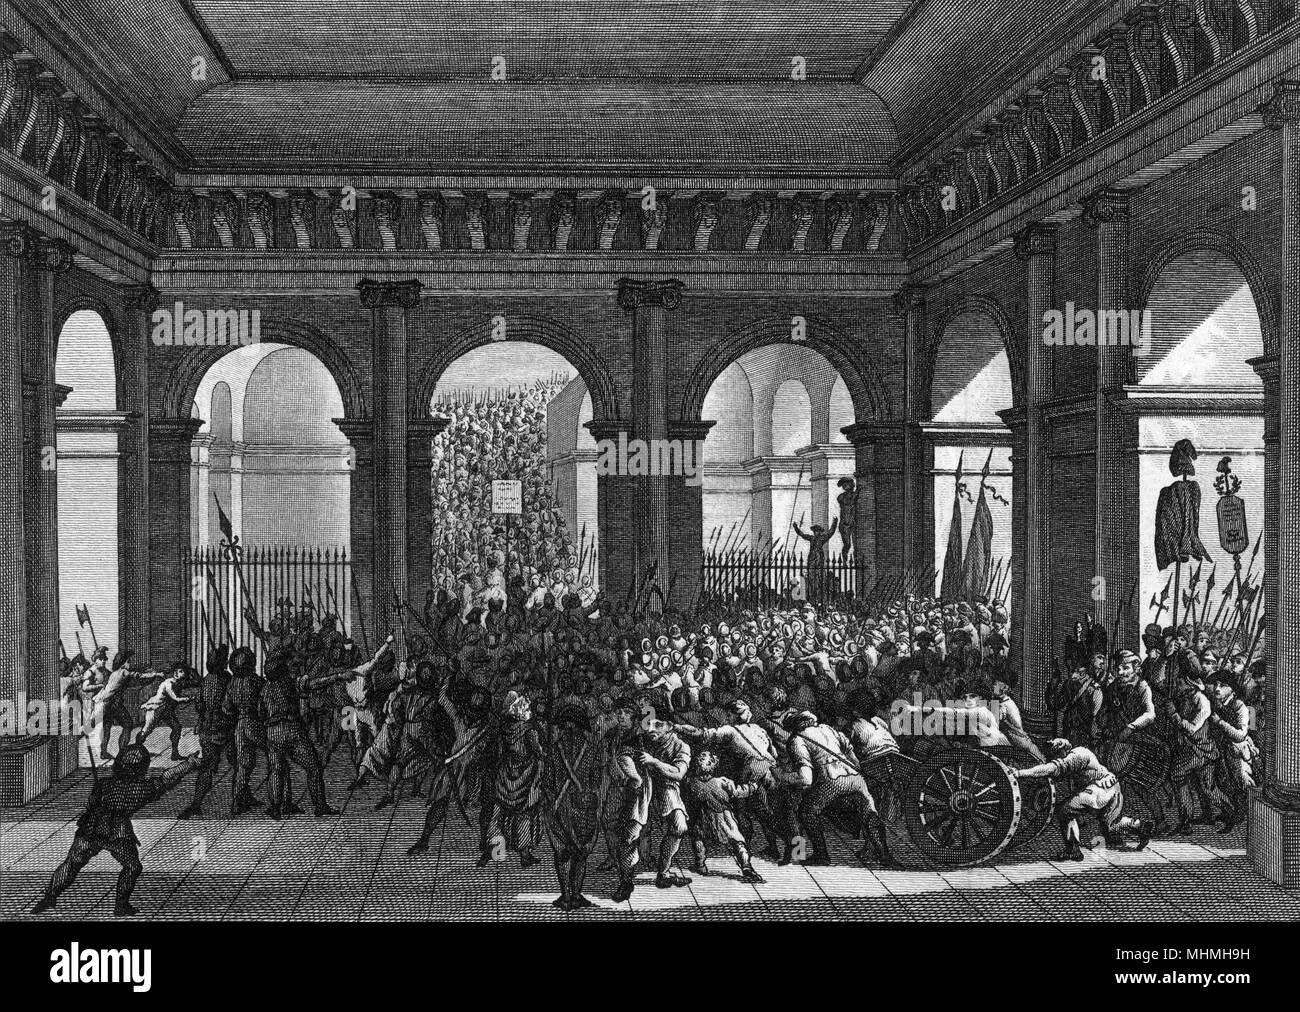 Una multitud de 6.000 ciudadanos airados forzar su entrada en el Palacio de Tuileries, enfrentar el rey y le exigían que retirara su veto sobre las reformas propuestas Fecha: 20 de junio de 1792 Imagen De Stock